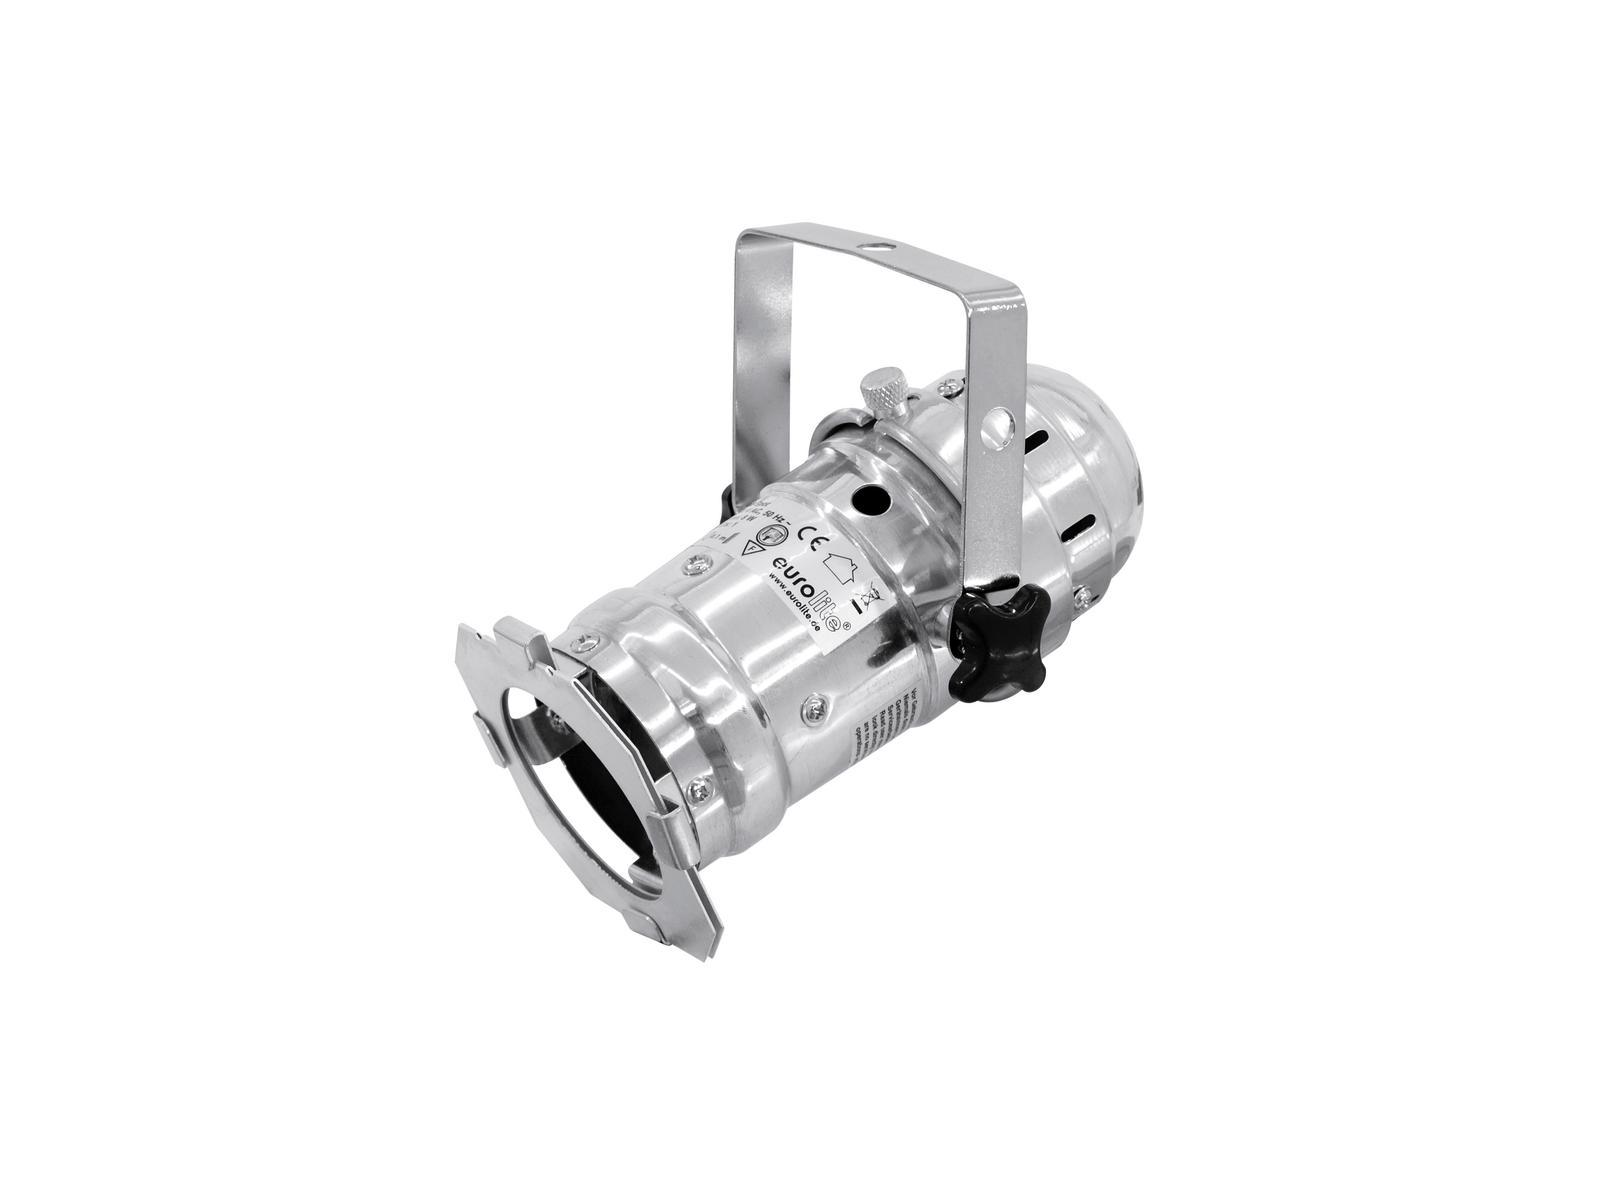 EUROLITE LED PAR-16 6500K 1x3W Spot sil